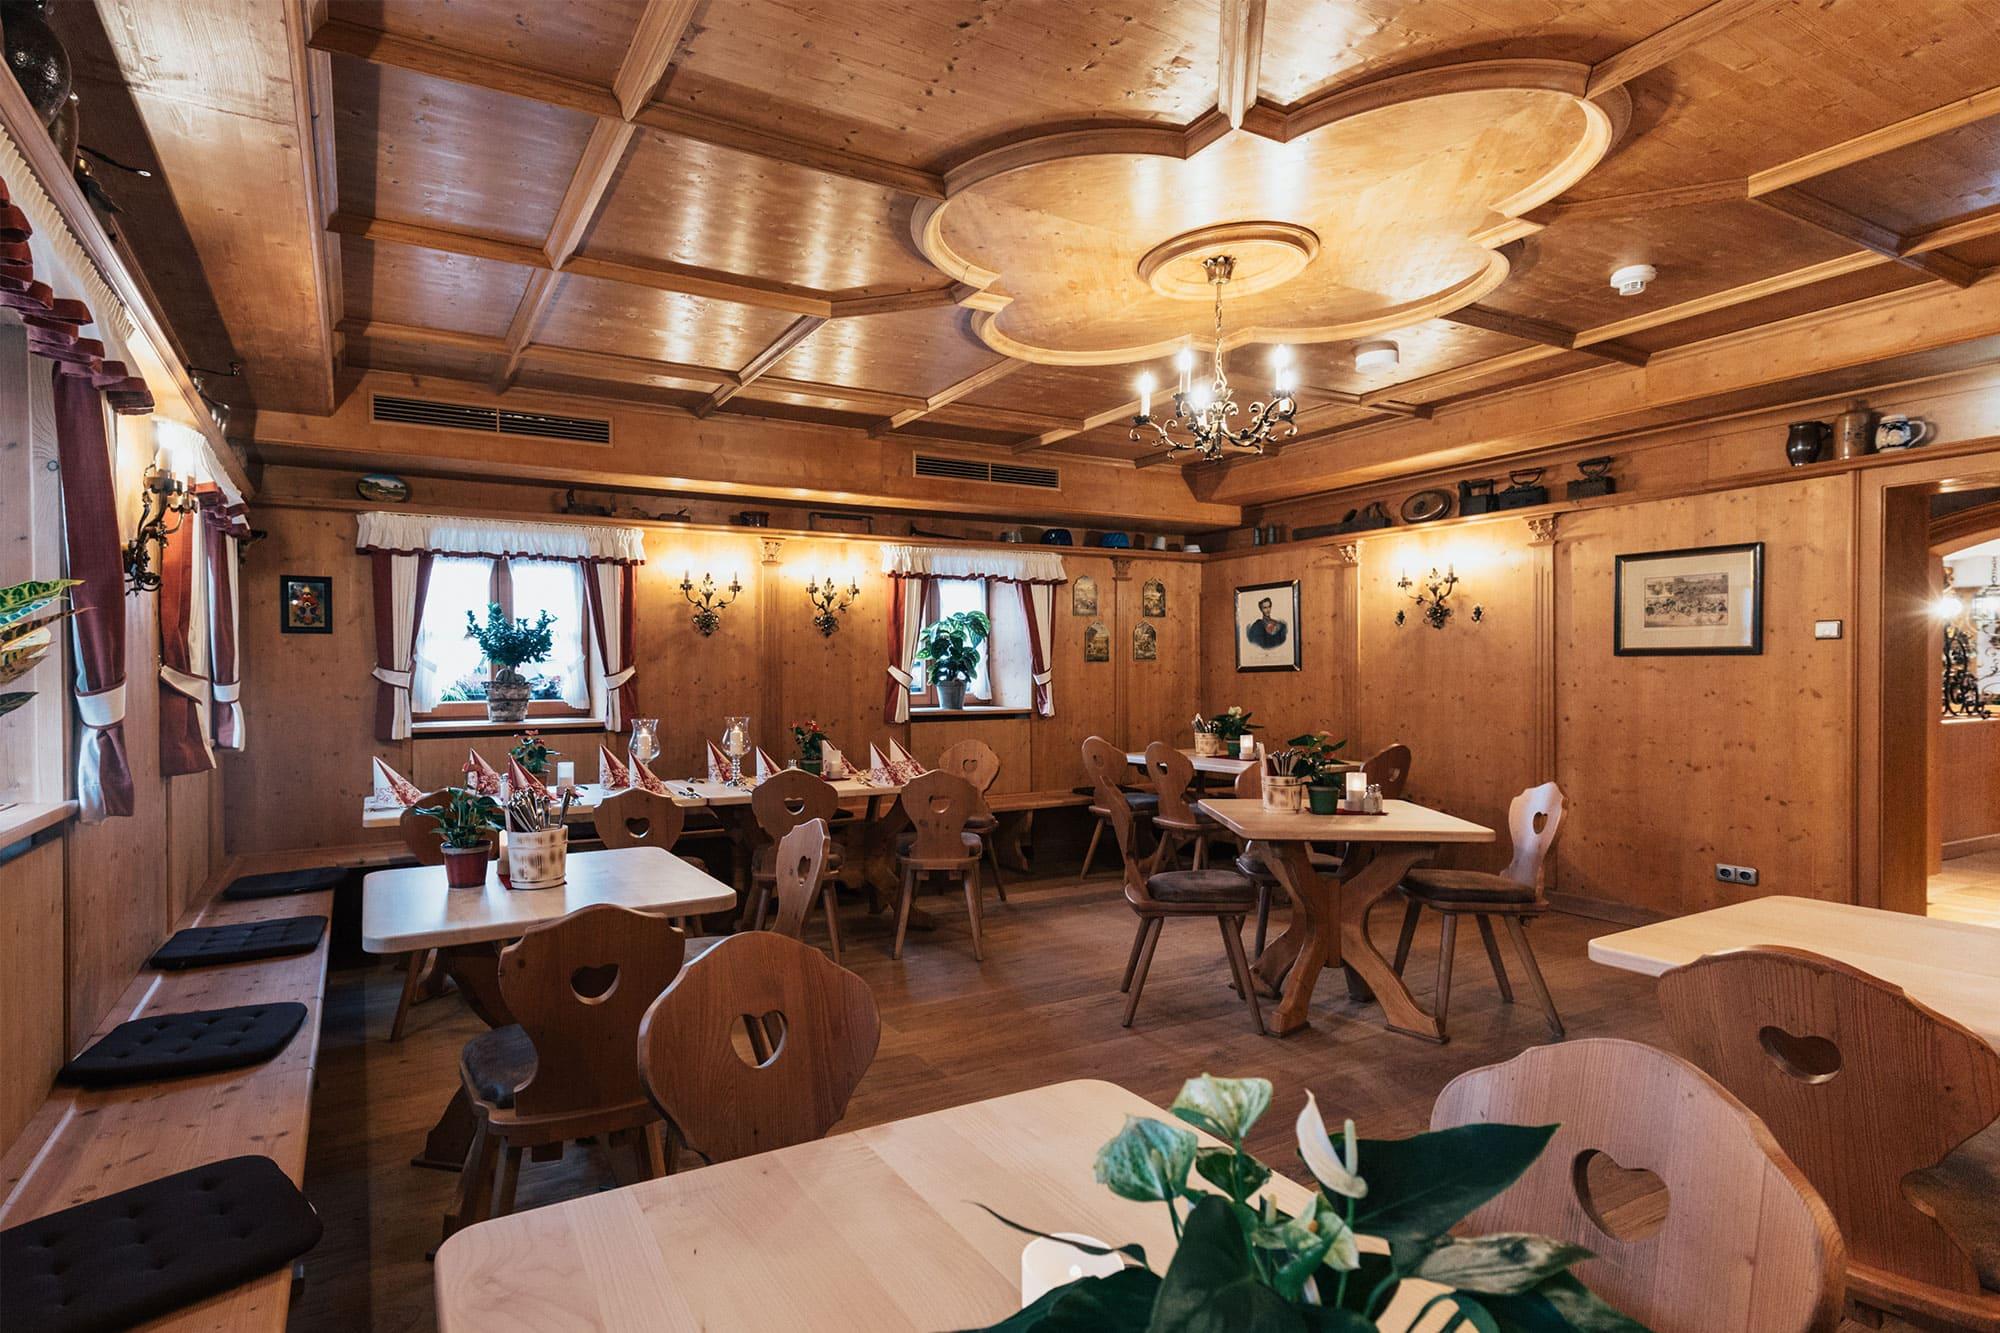 Gasthaus Erdinger - Muenchen - Bilder - Bauern Stube 1